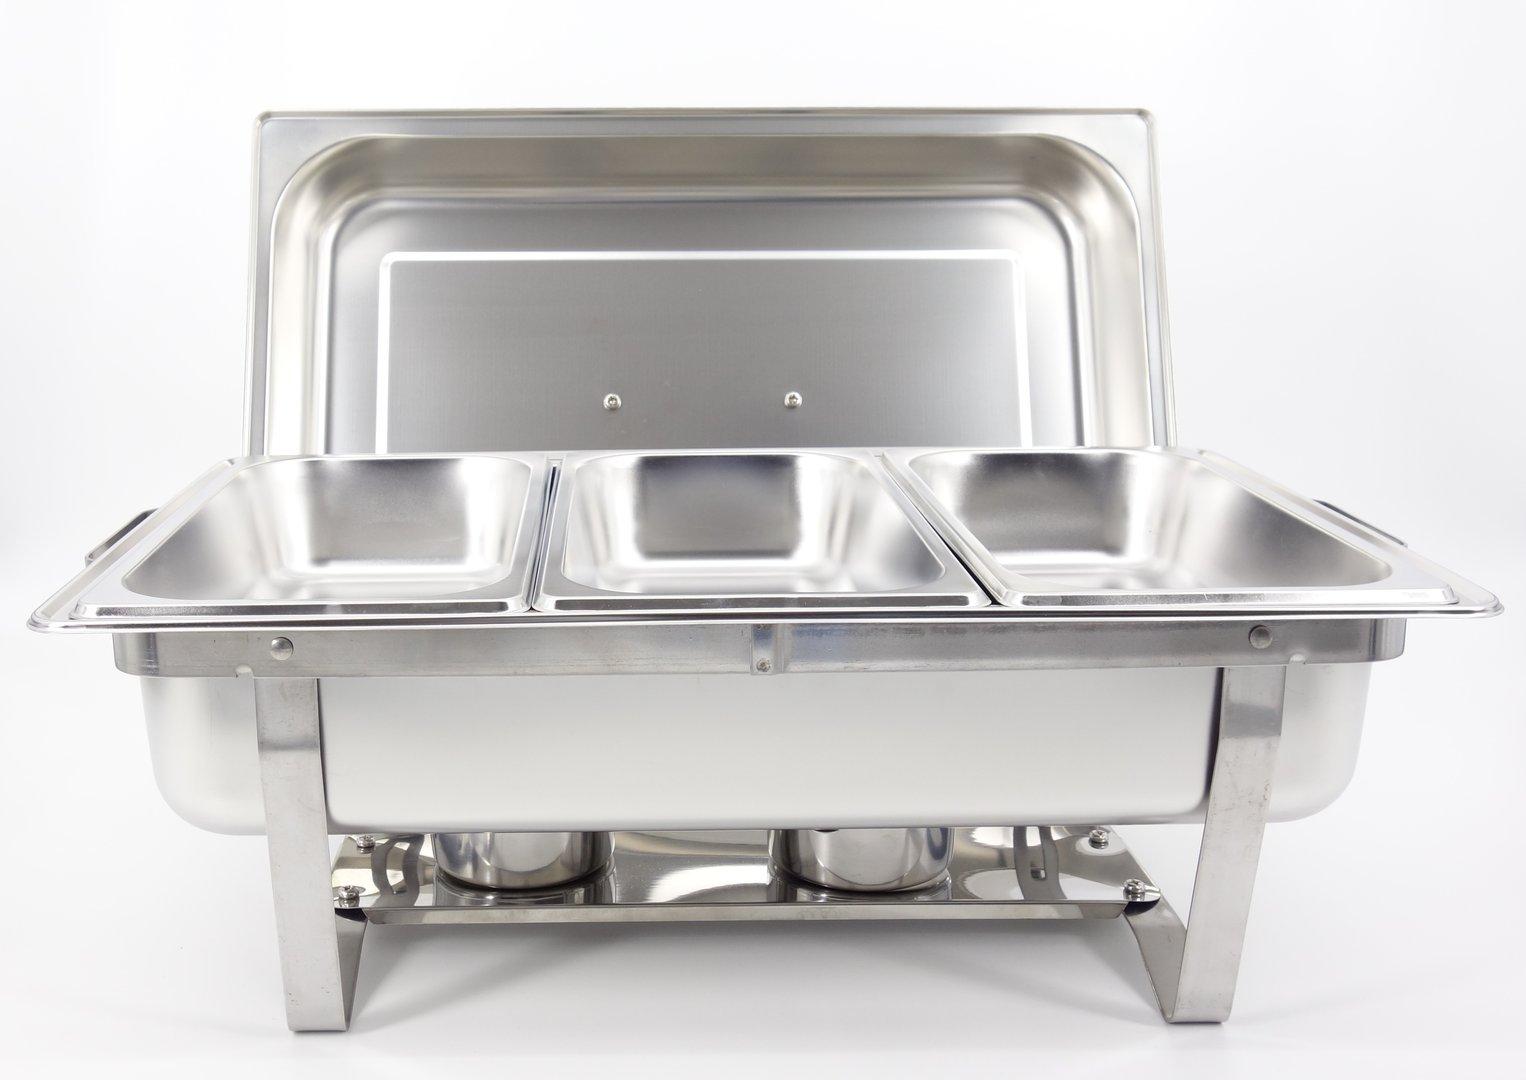 Chafing Dish Speisenwärmer  Warmhaltebehälter 3x1//3GN Behälter Faltbar